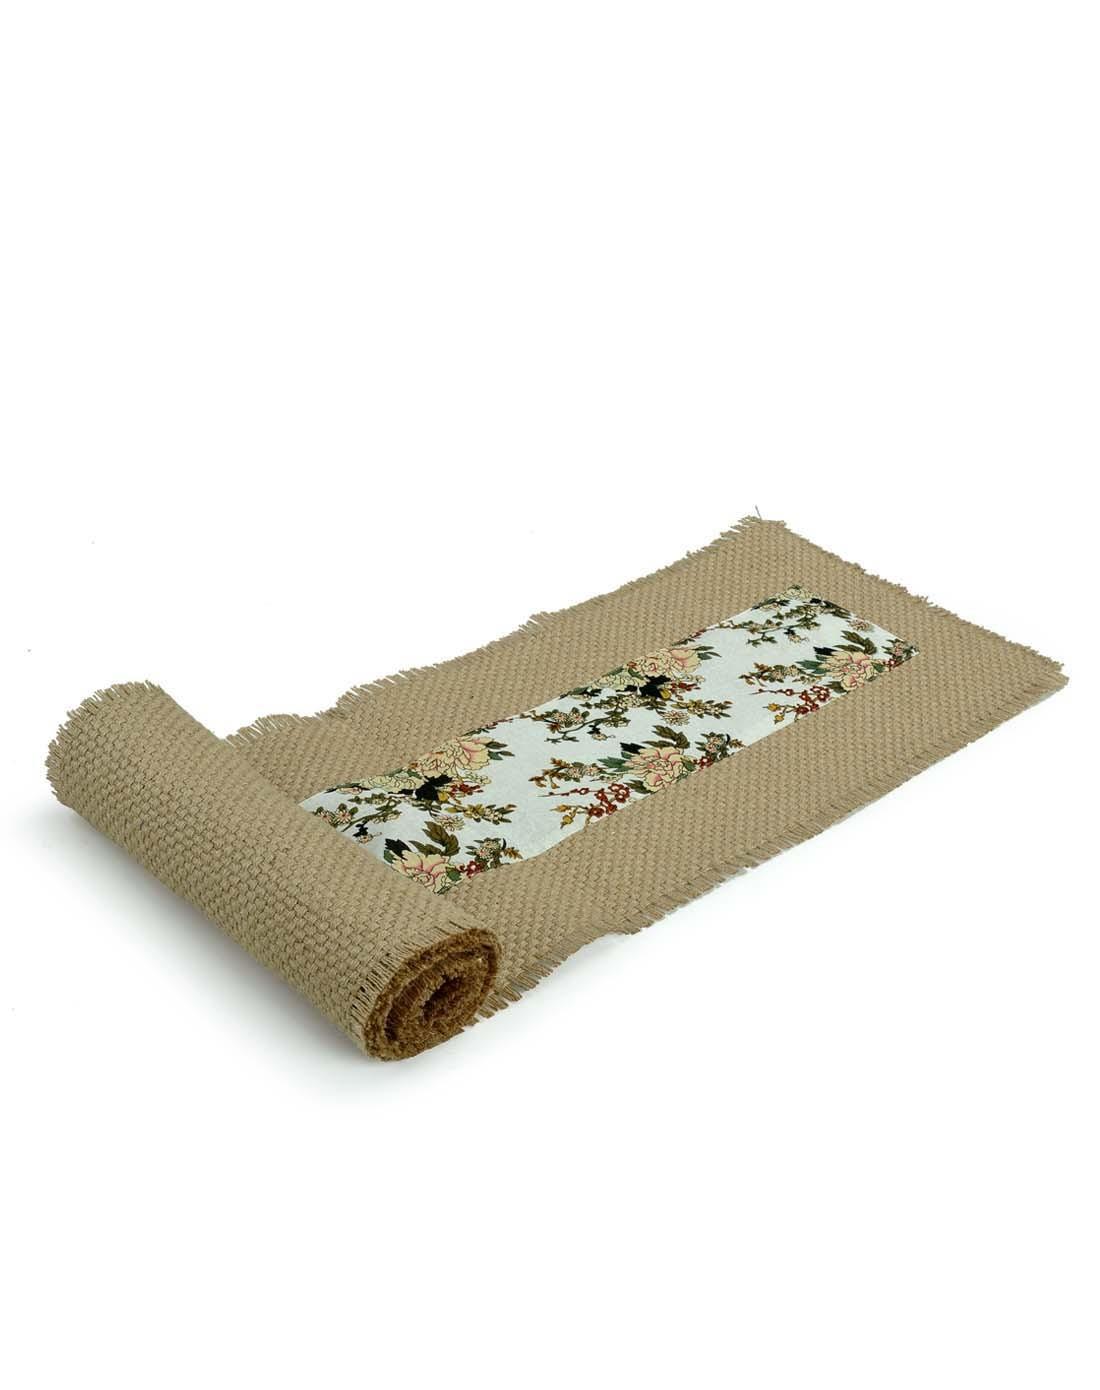 繁花似锦棉麻布艺茶垫